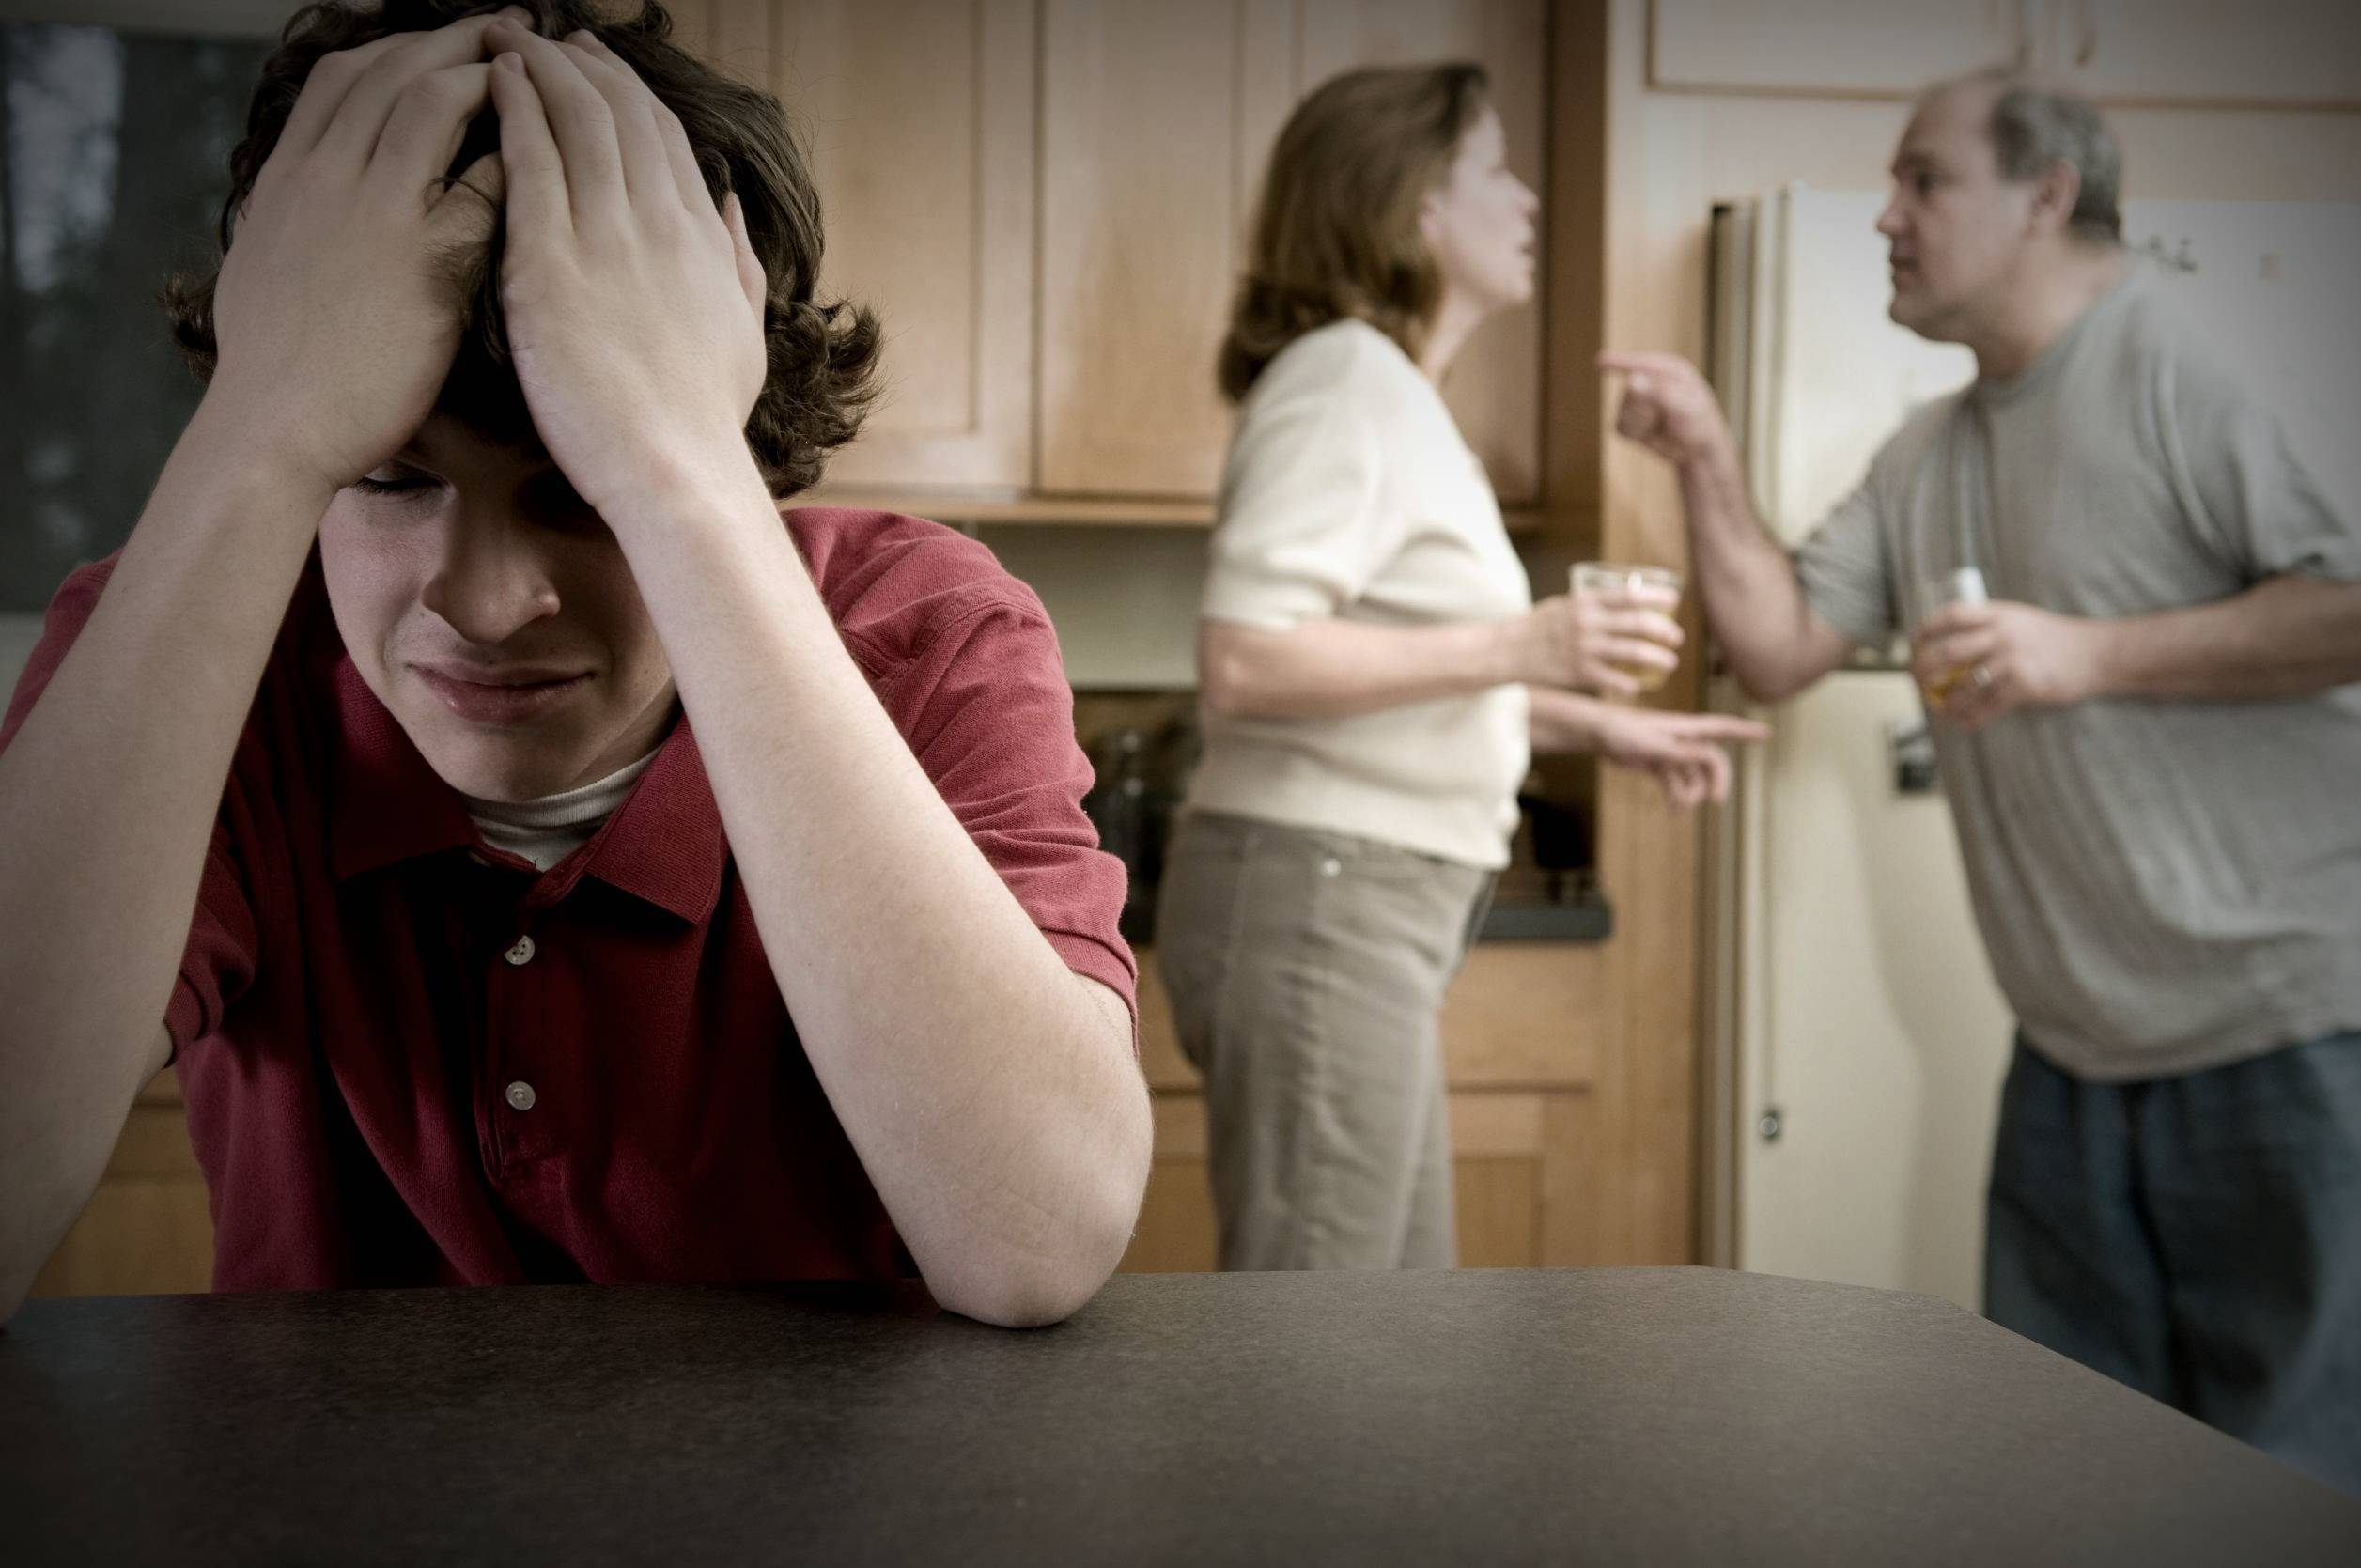 как избавиться от психологической зависимости